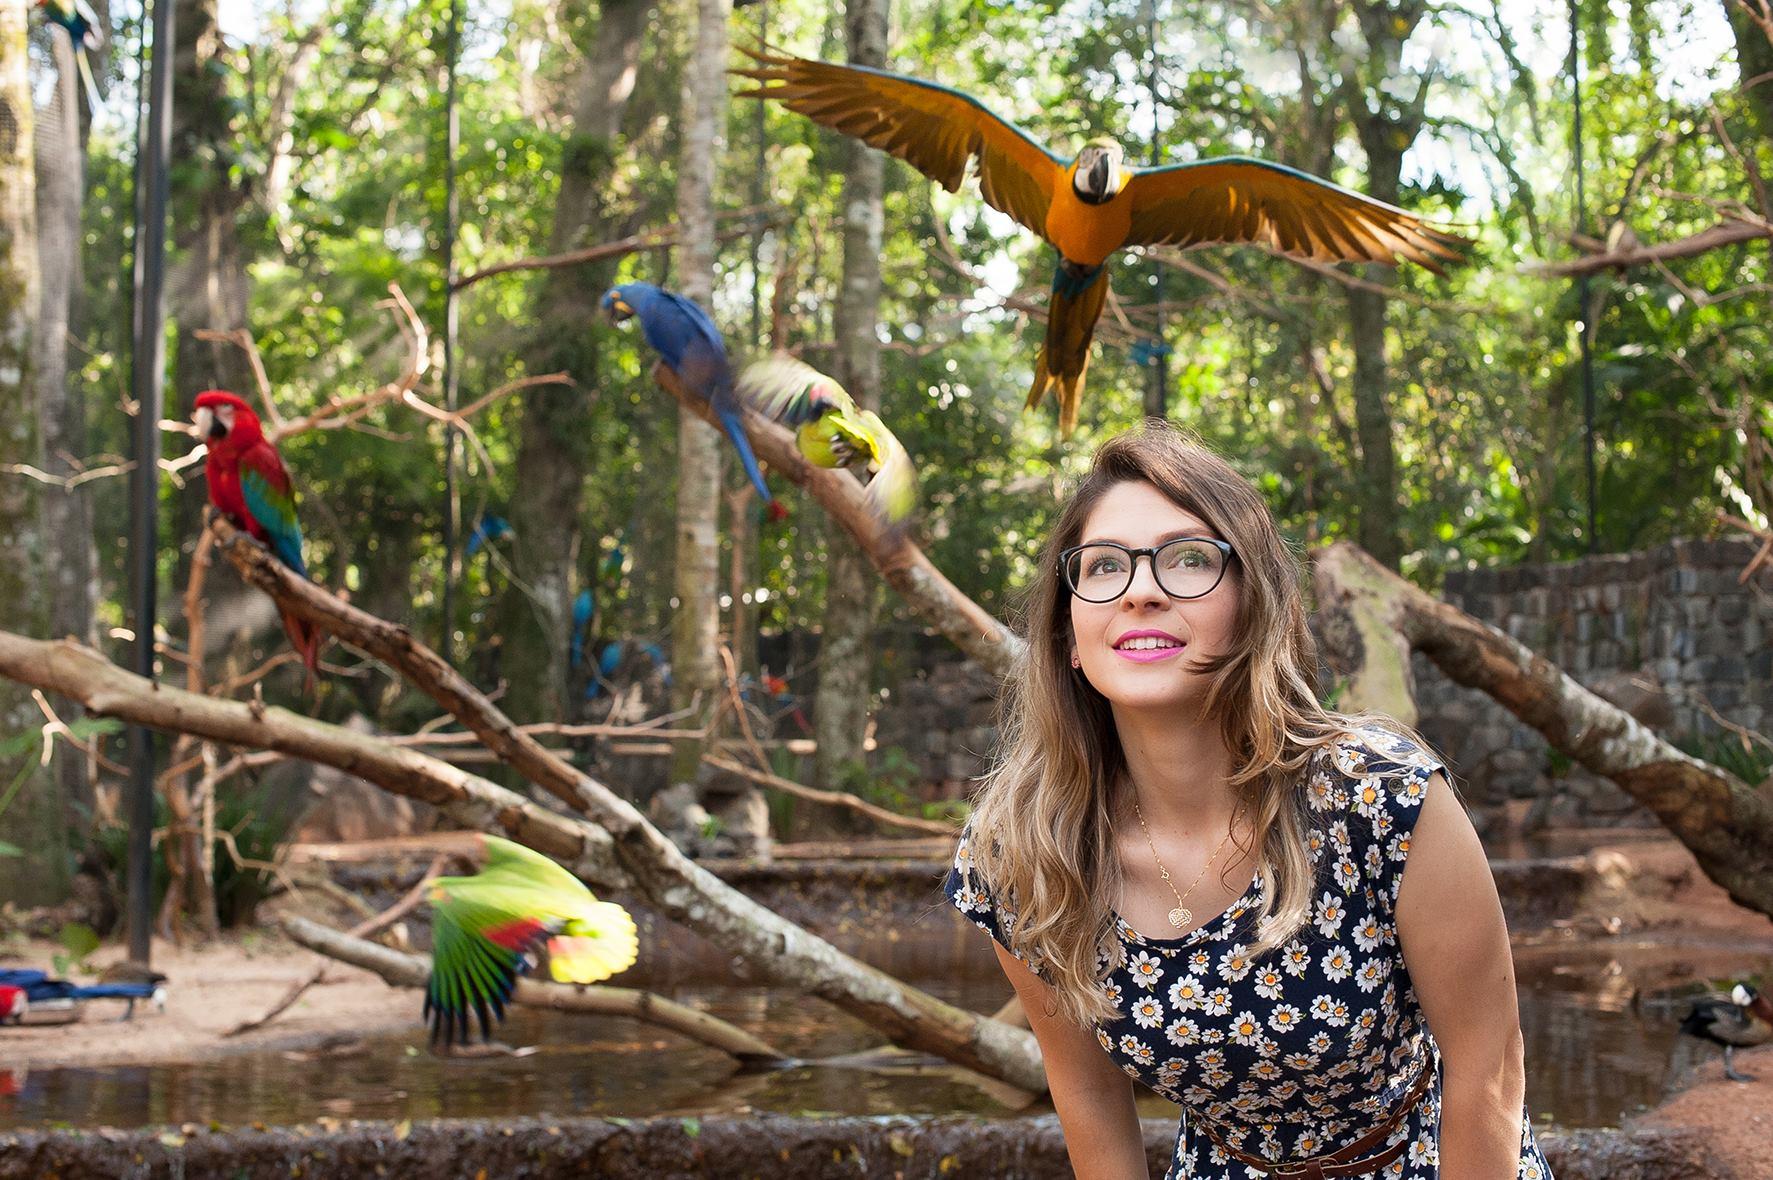 preço da entrada do parque das aves